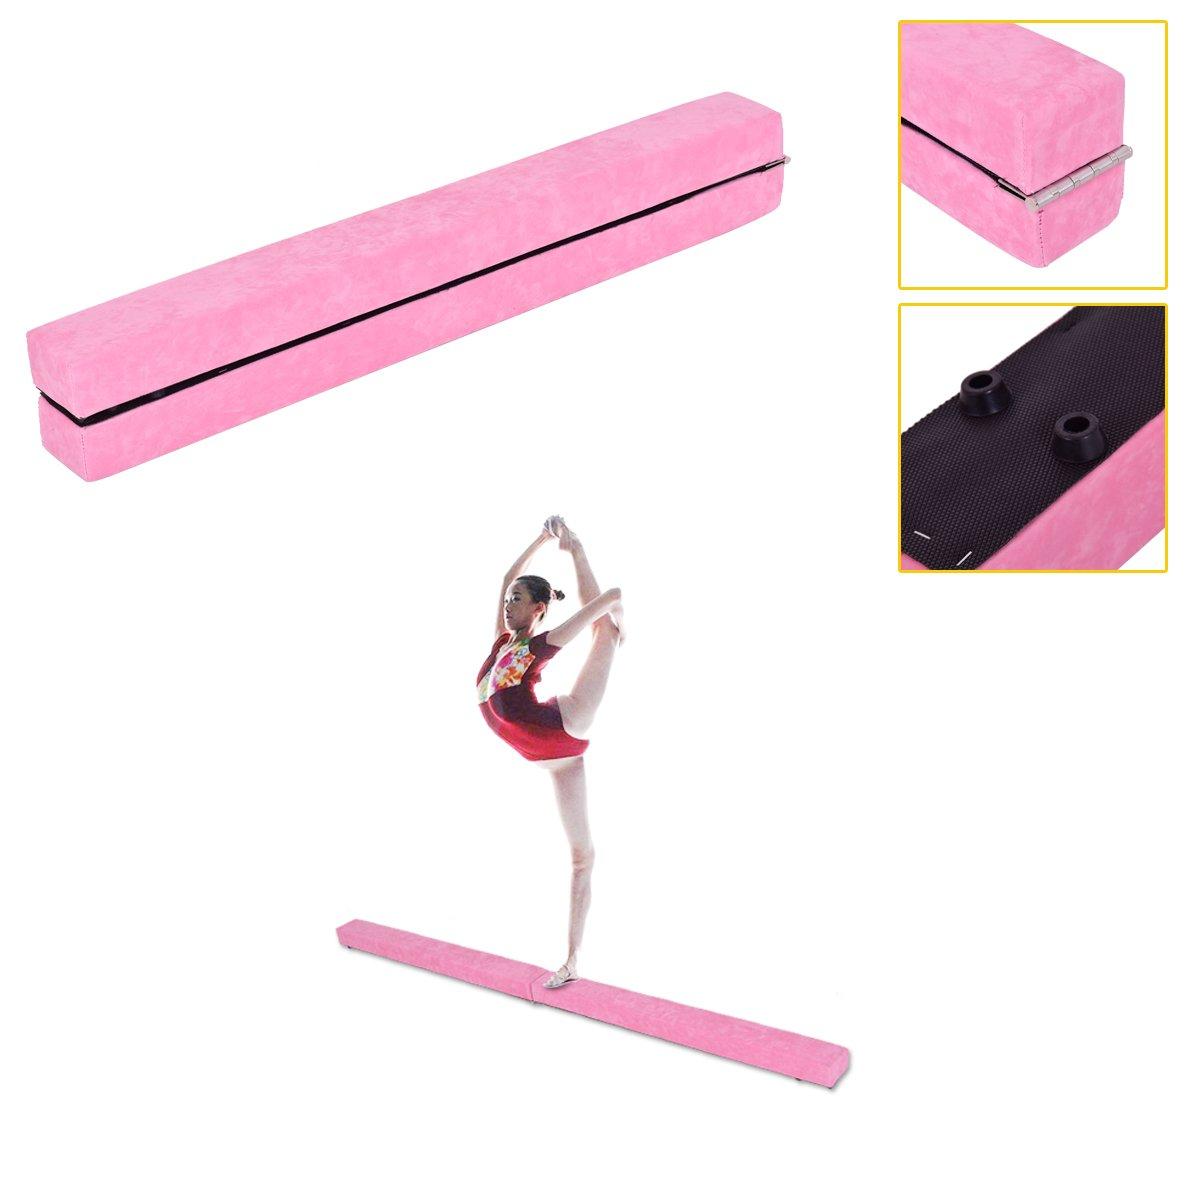 2,1 m Poutre d'équilibre pliable Gymnastique sectionnelle Compétence Performance Entraînement